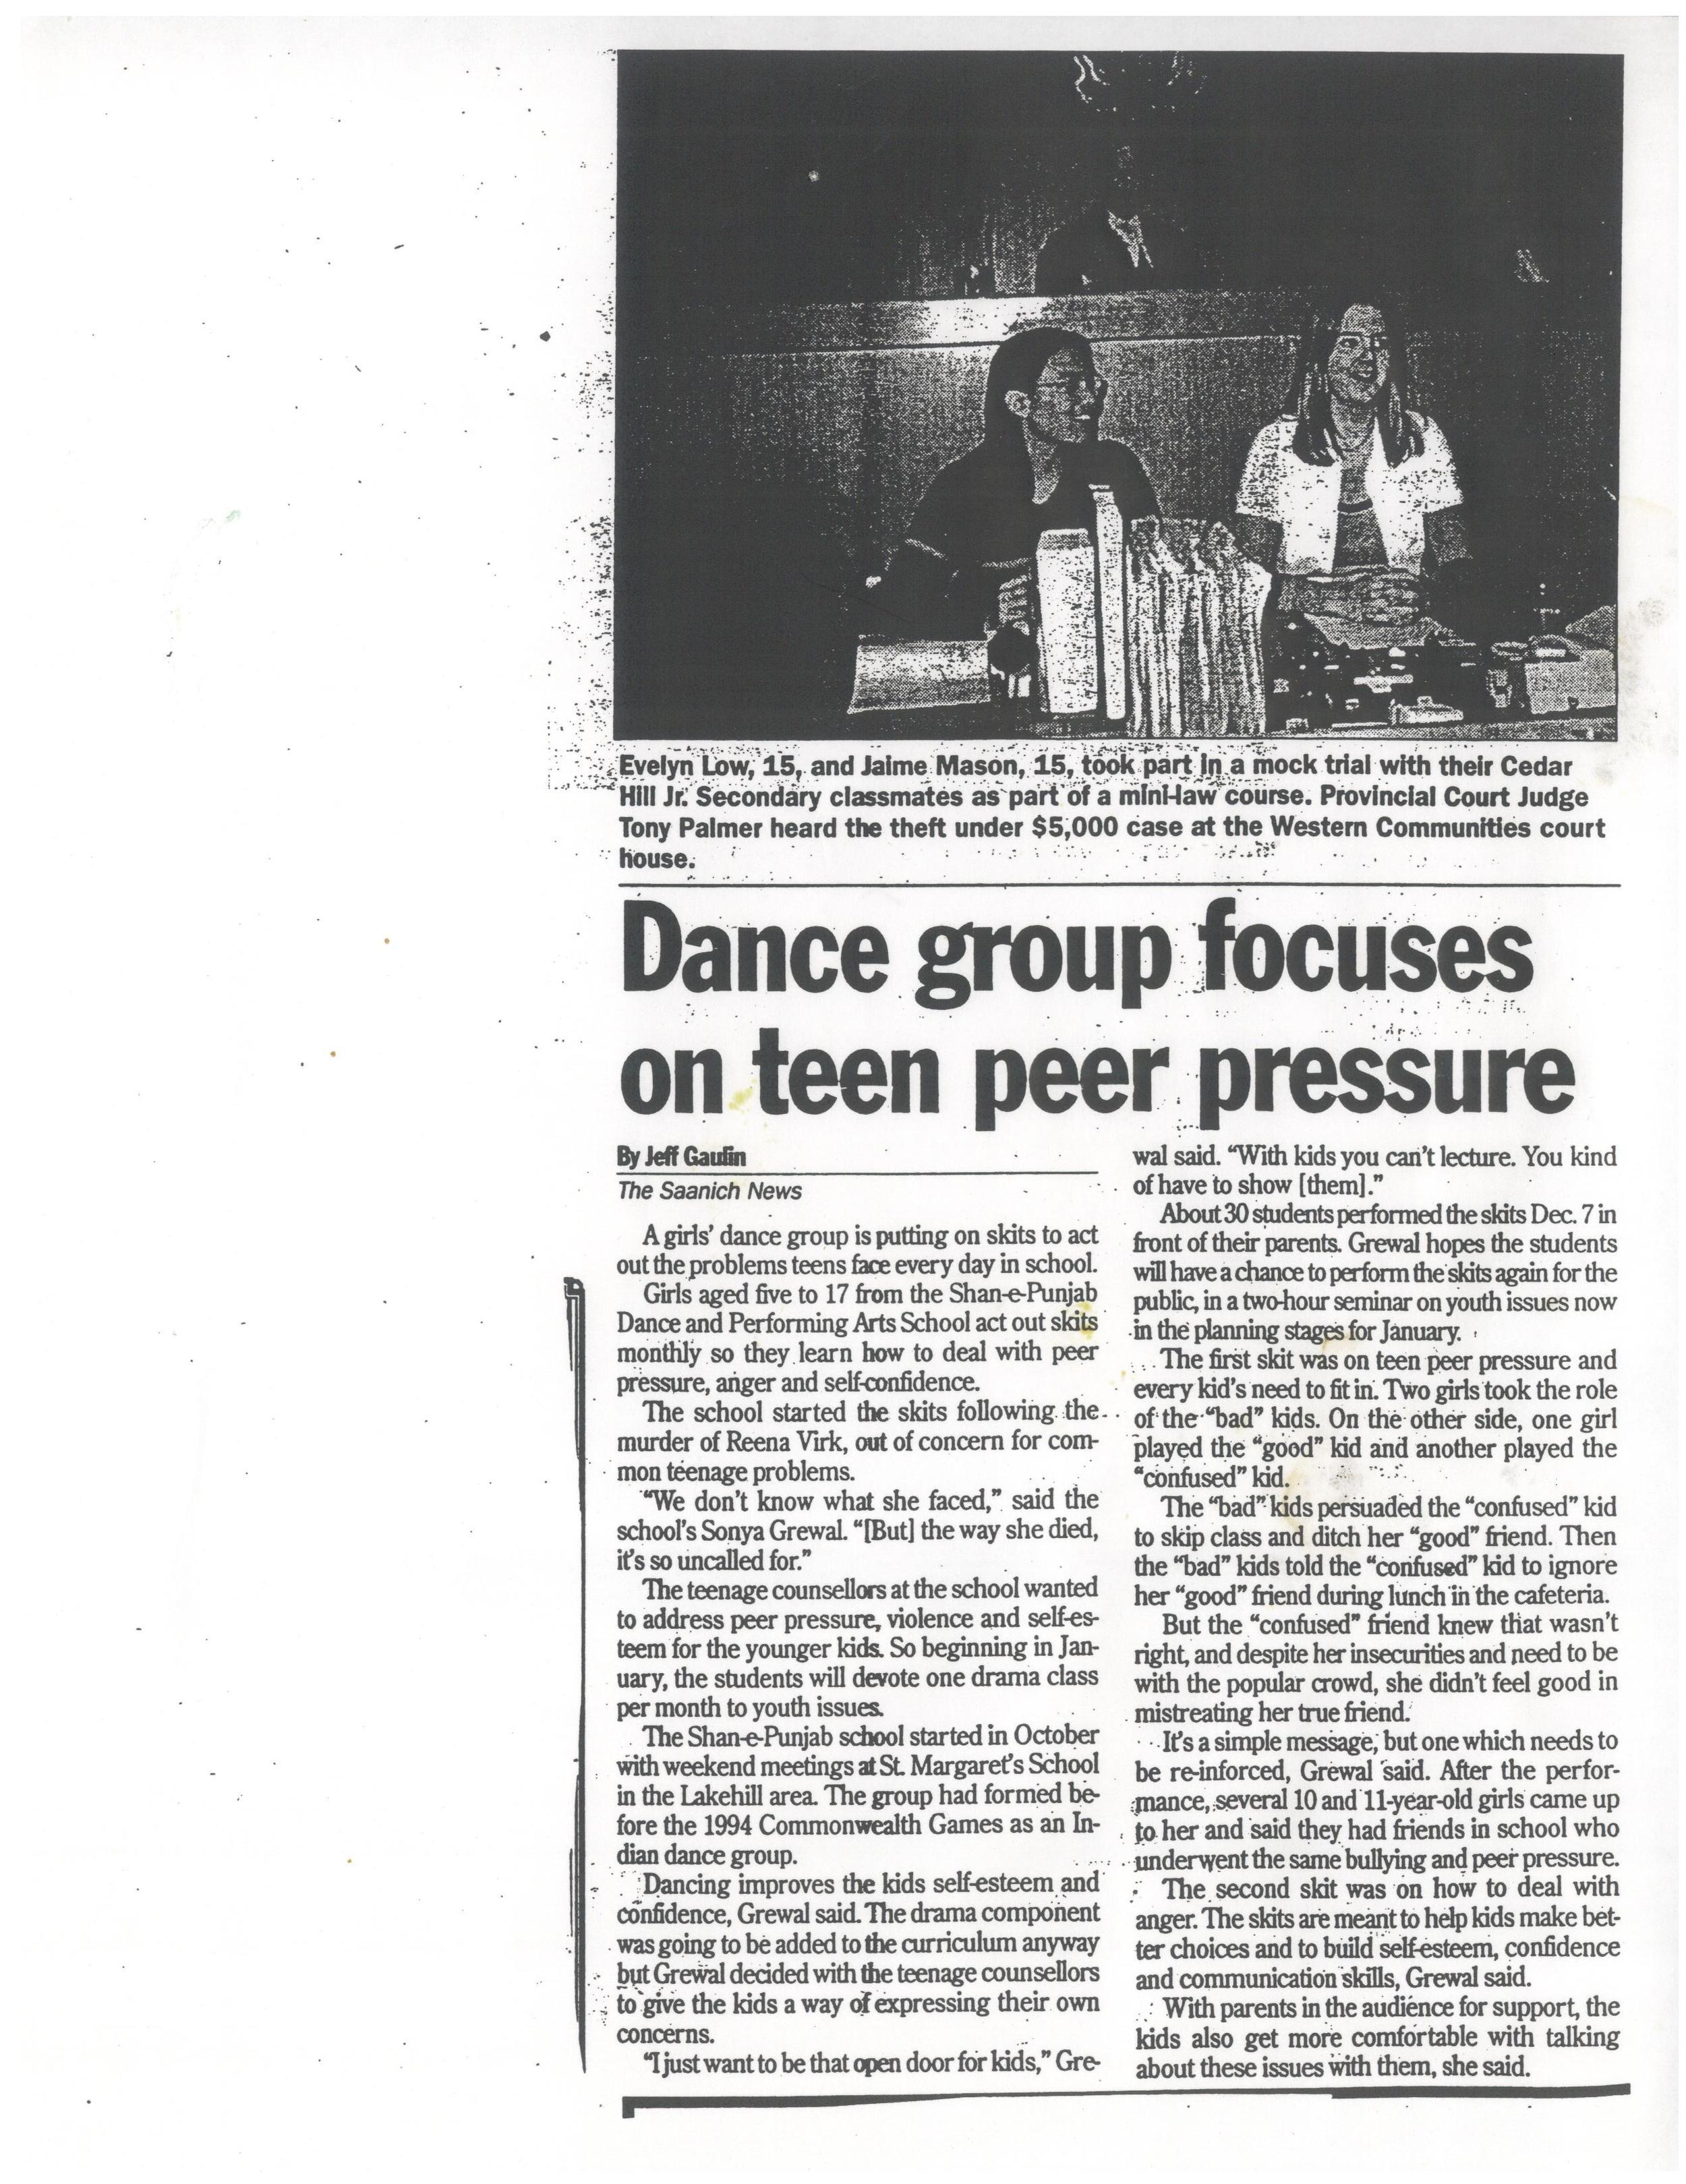 dance_group_focuses_on_teen_peer_pressure.jpg